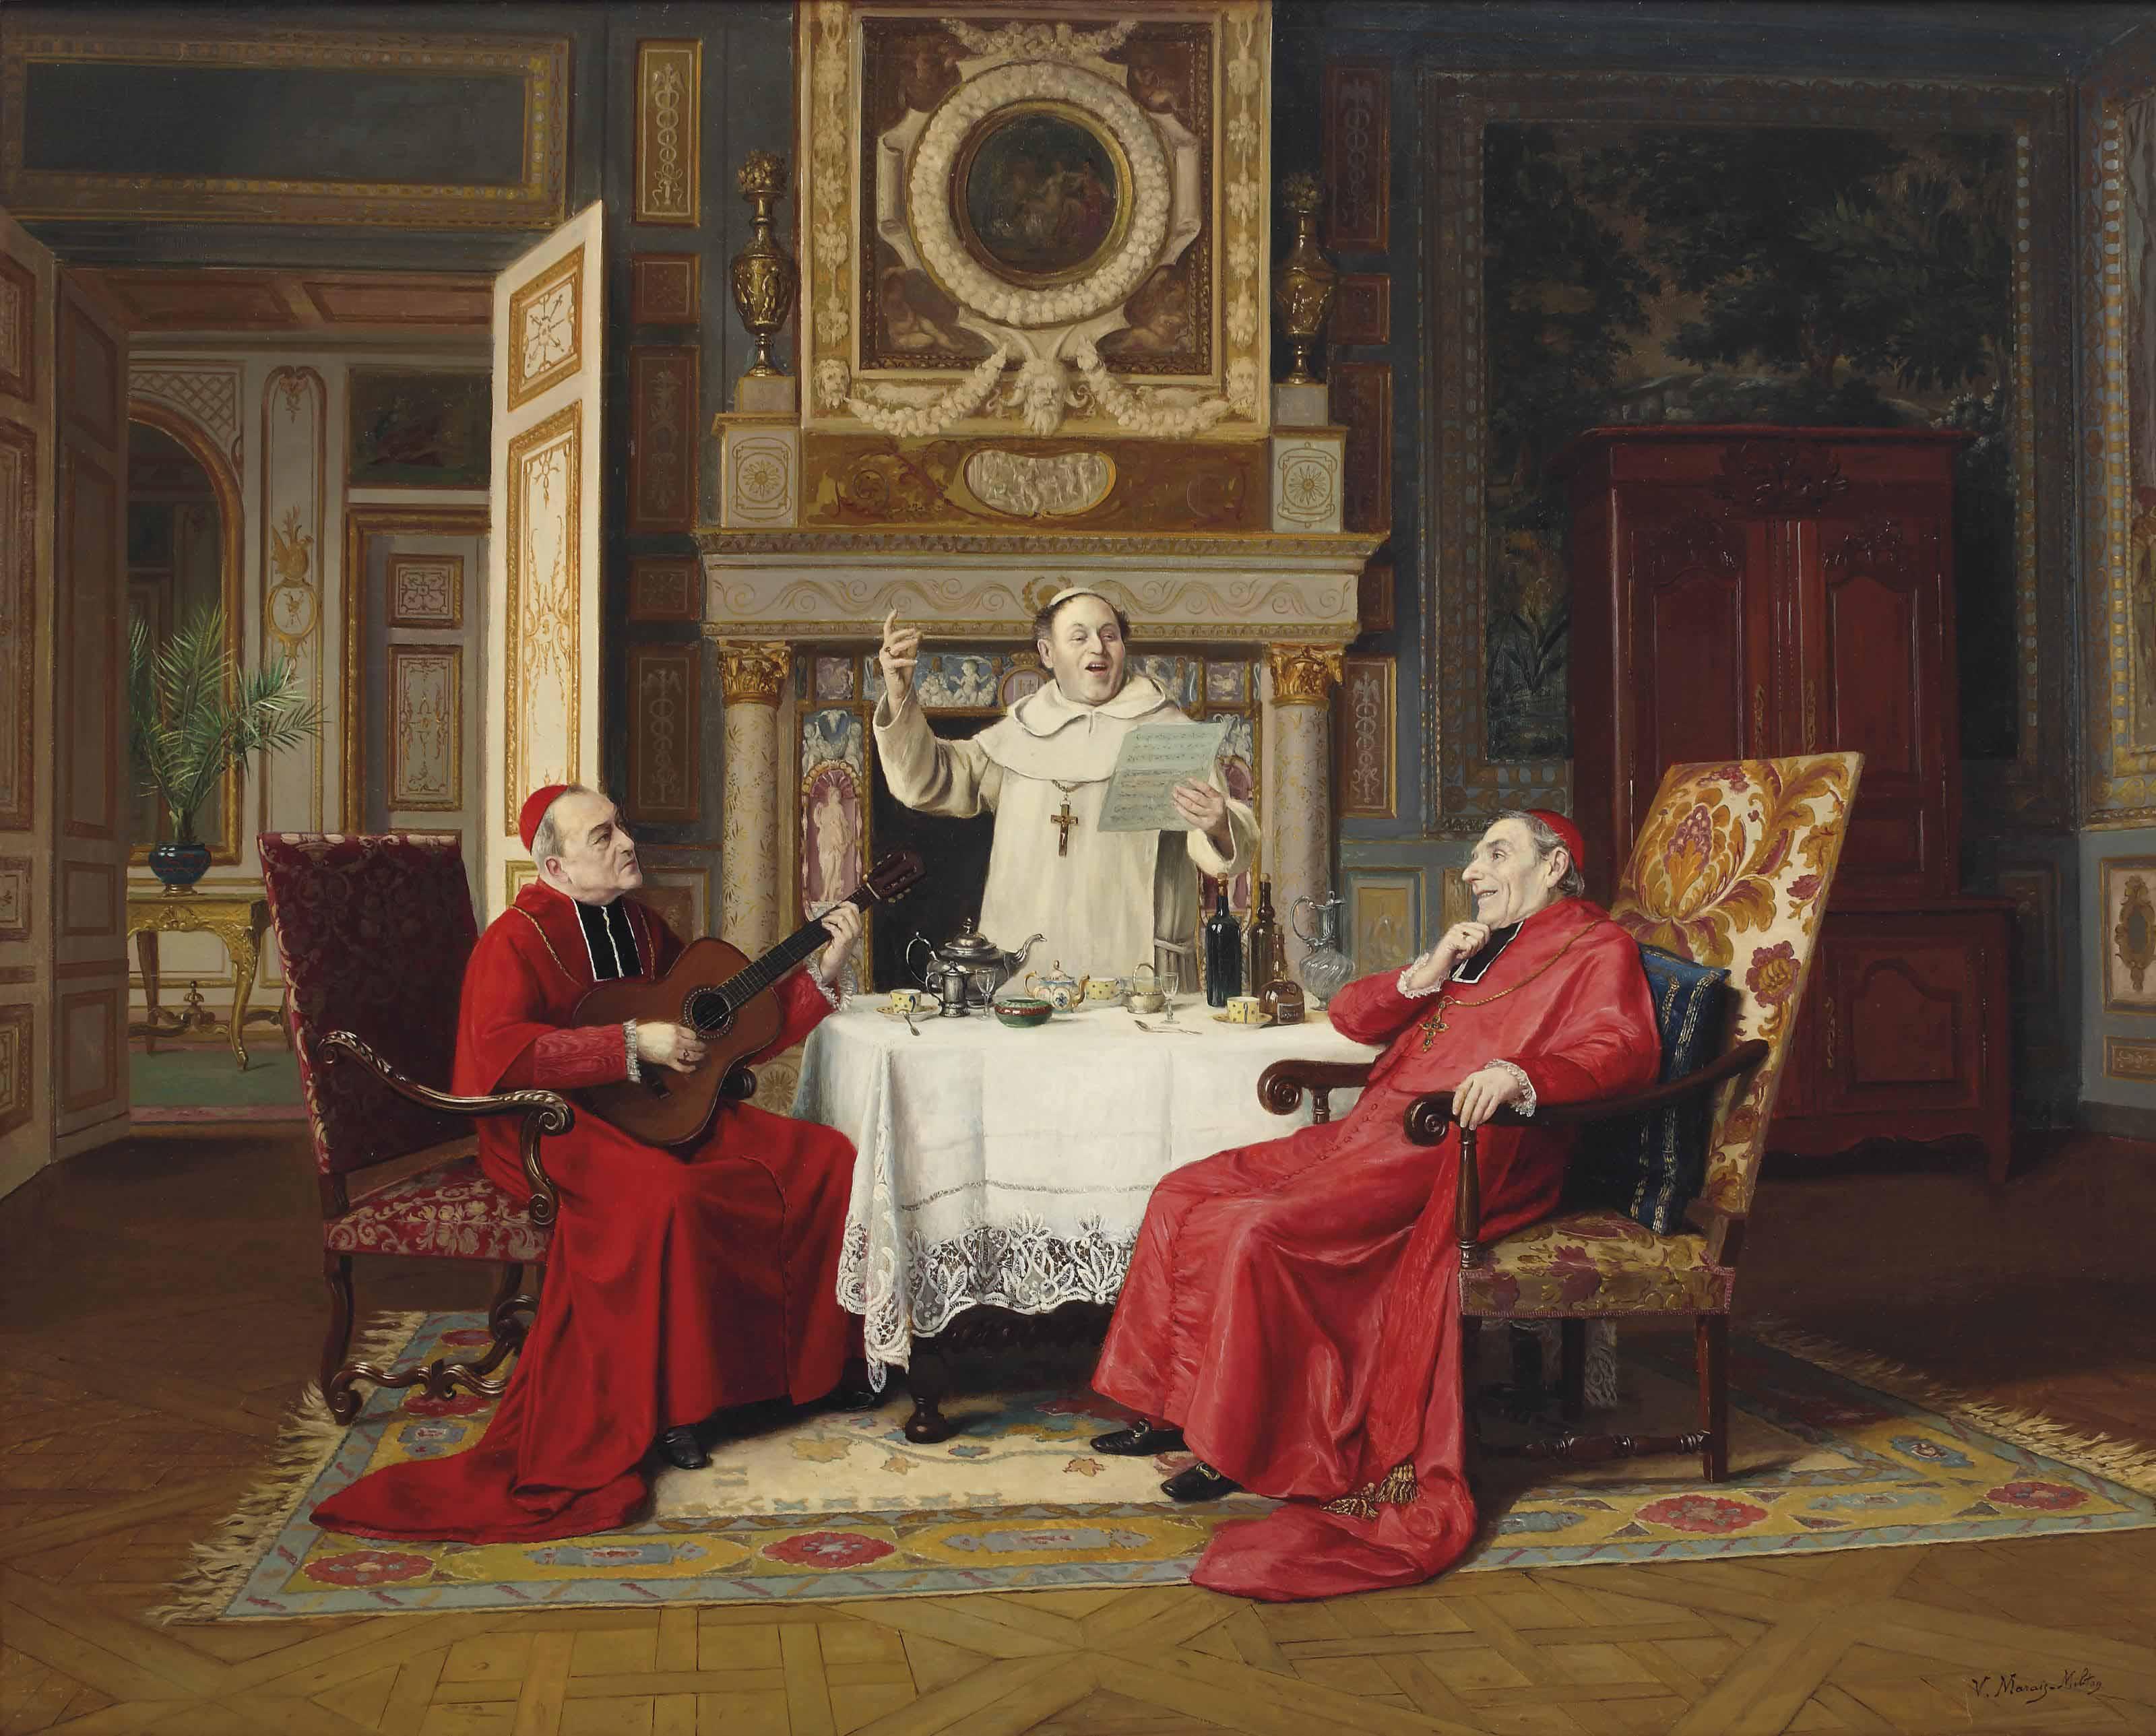 Musical cardinals